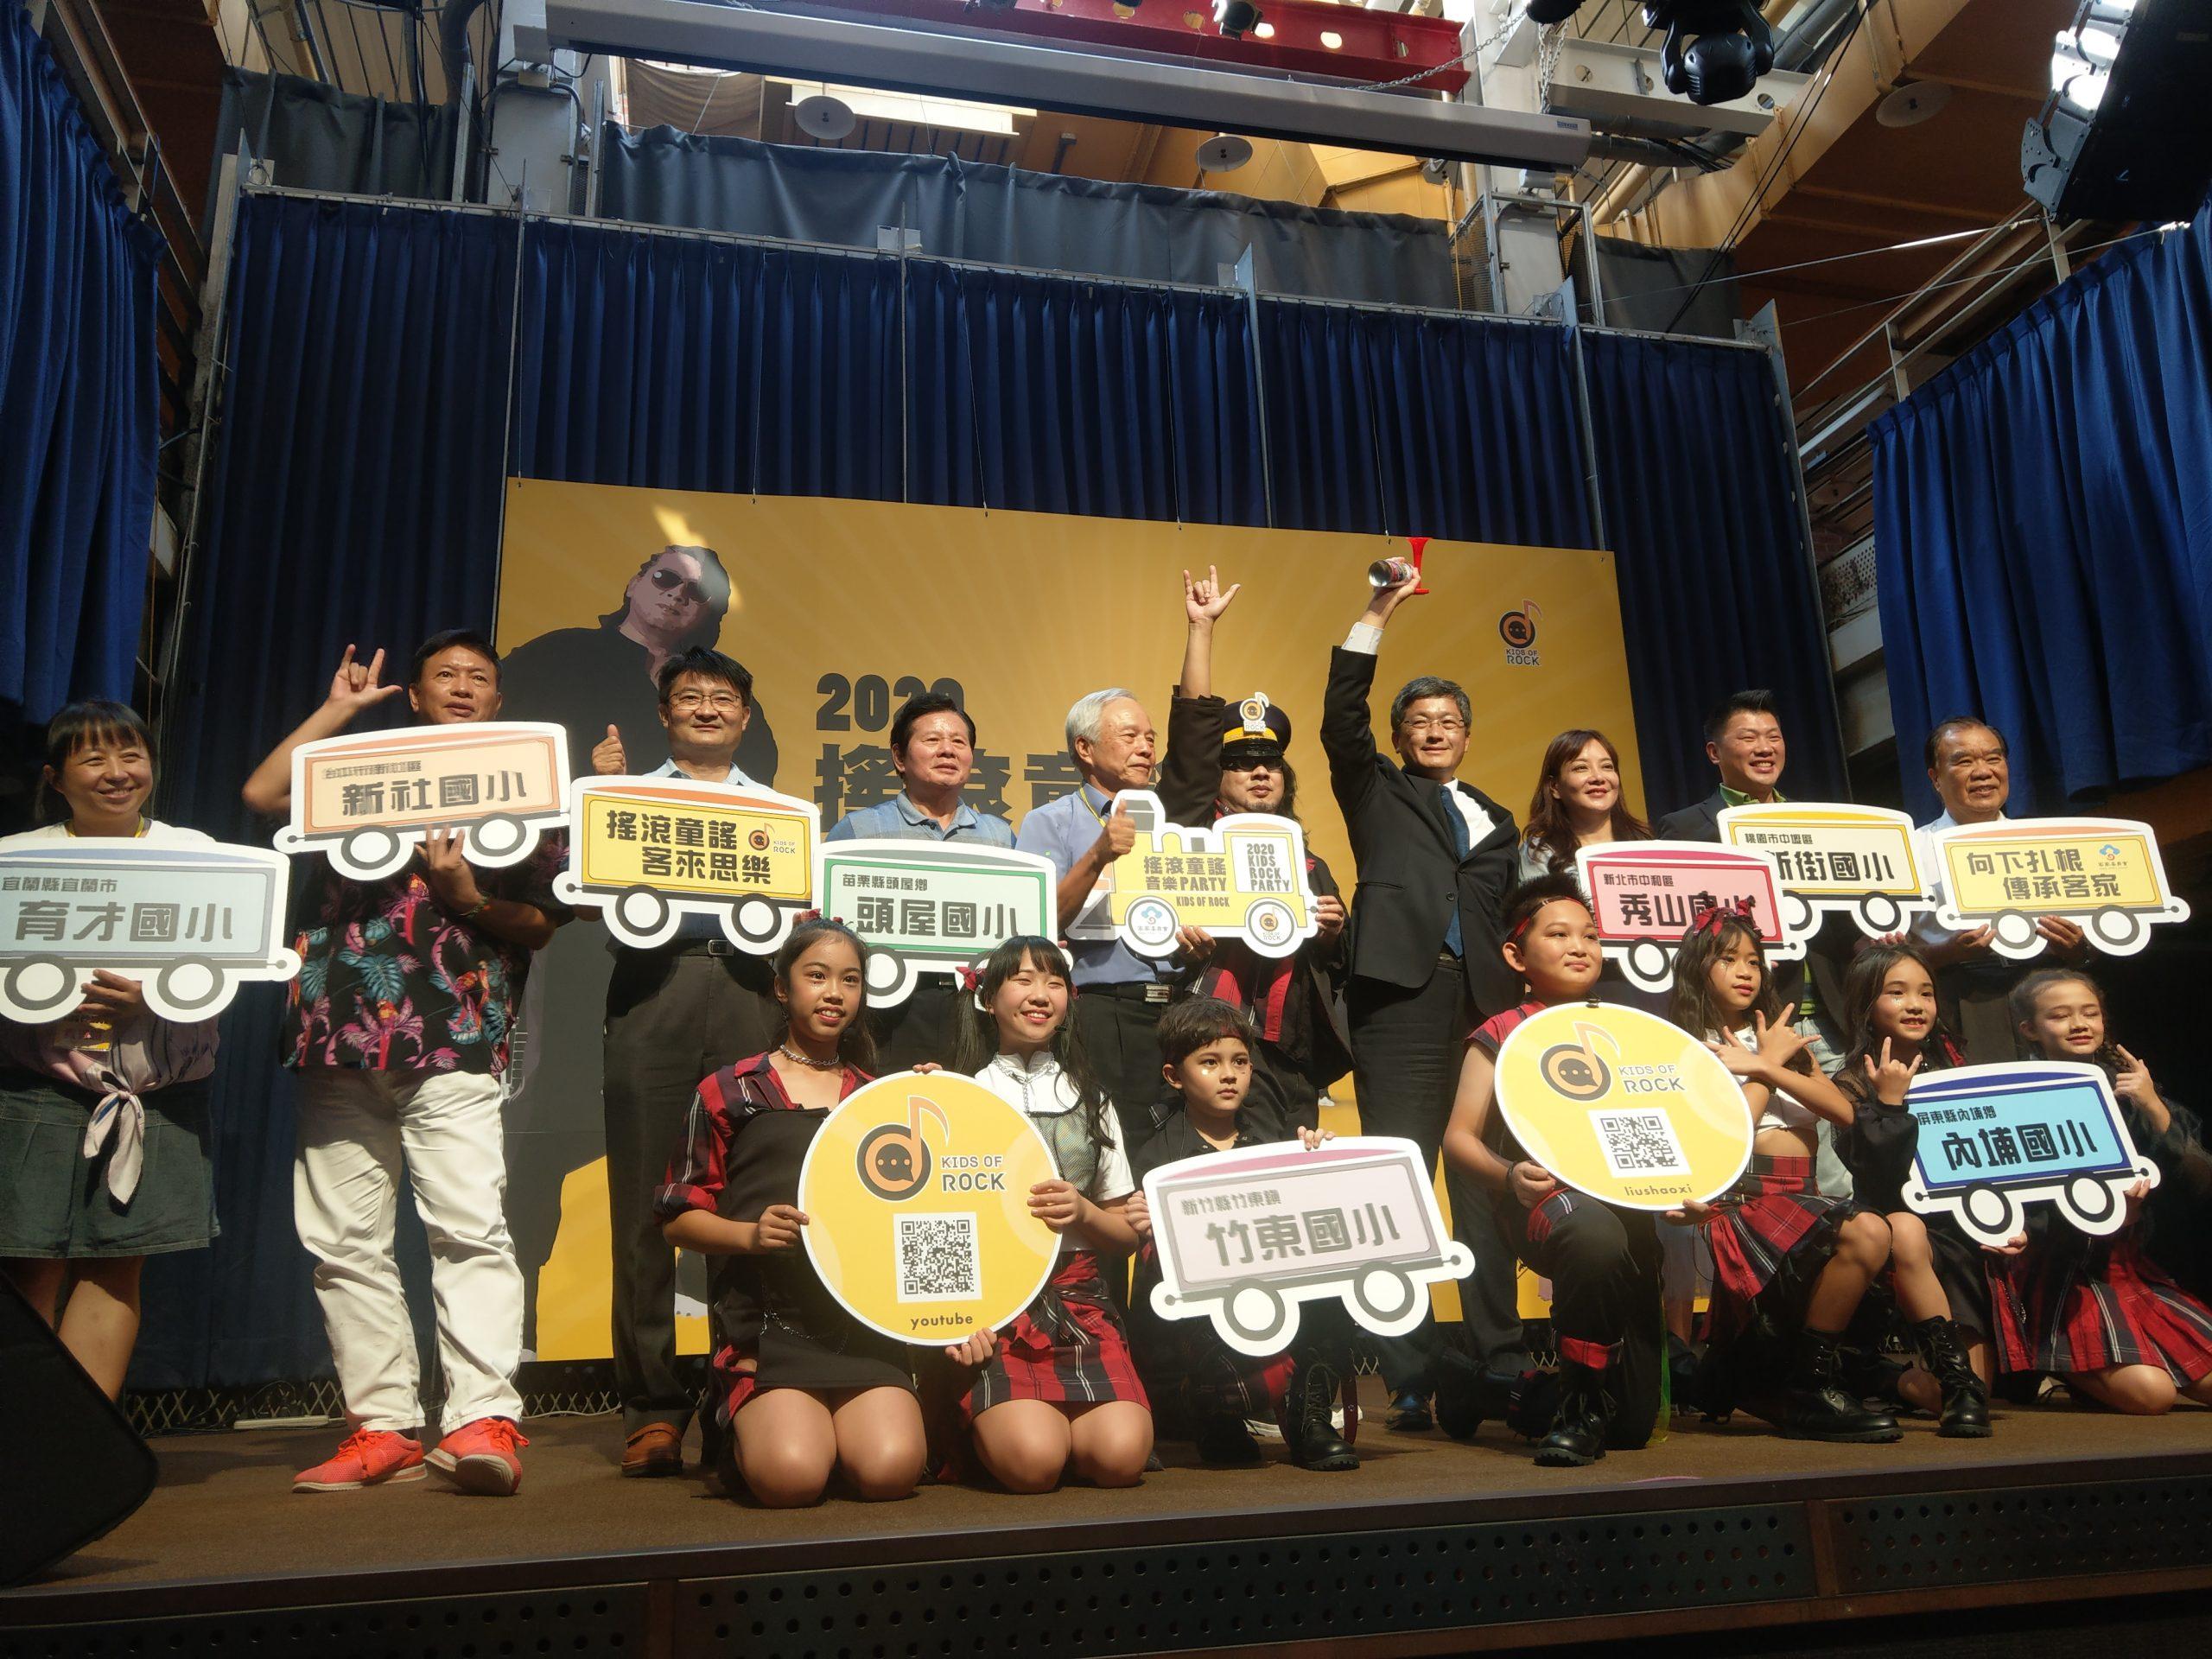 金曲劉劭希打造 客家搖滾兒童團  「2020搖滾童謠音樂Party」邀你共下鬥鬧熱